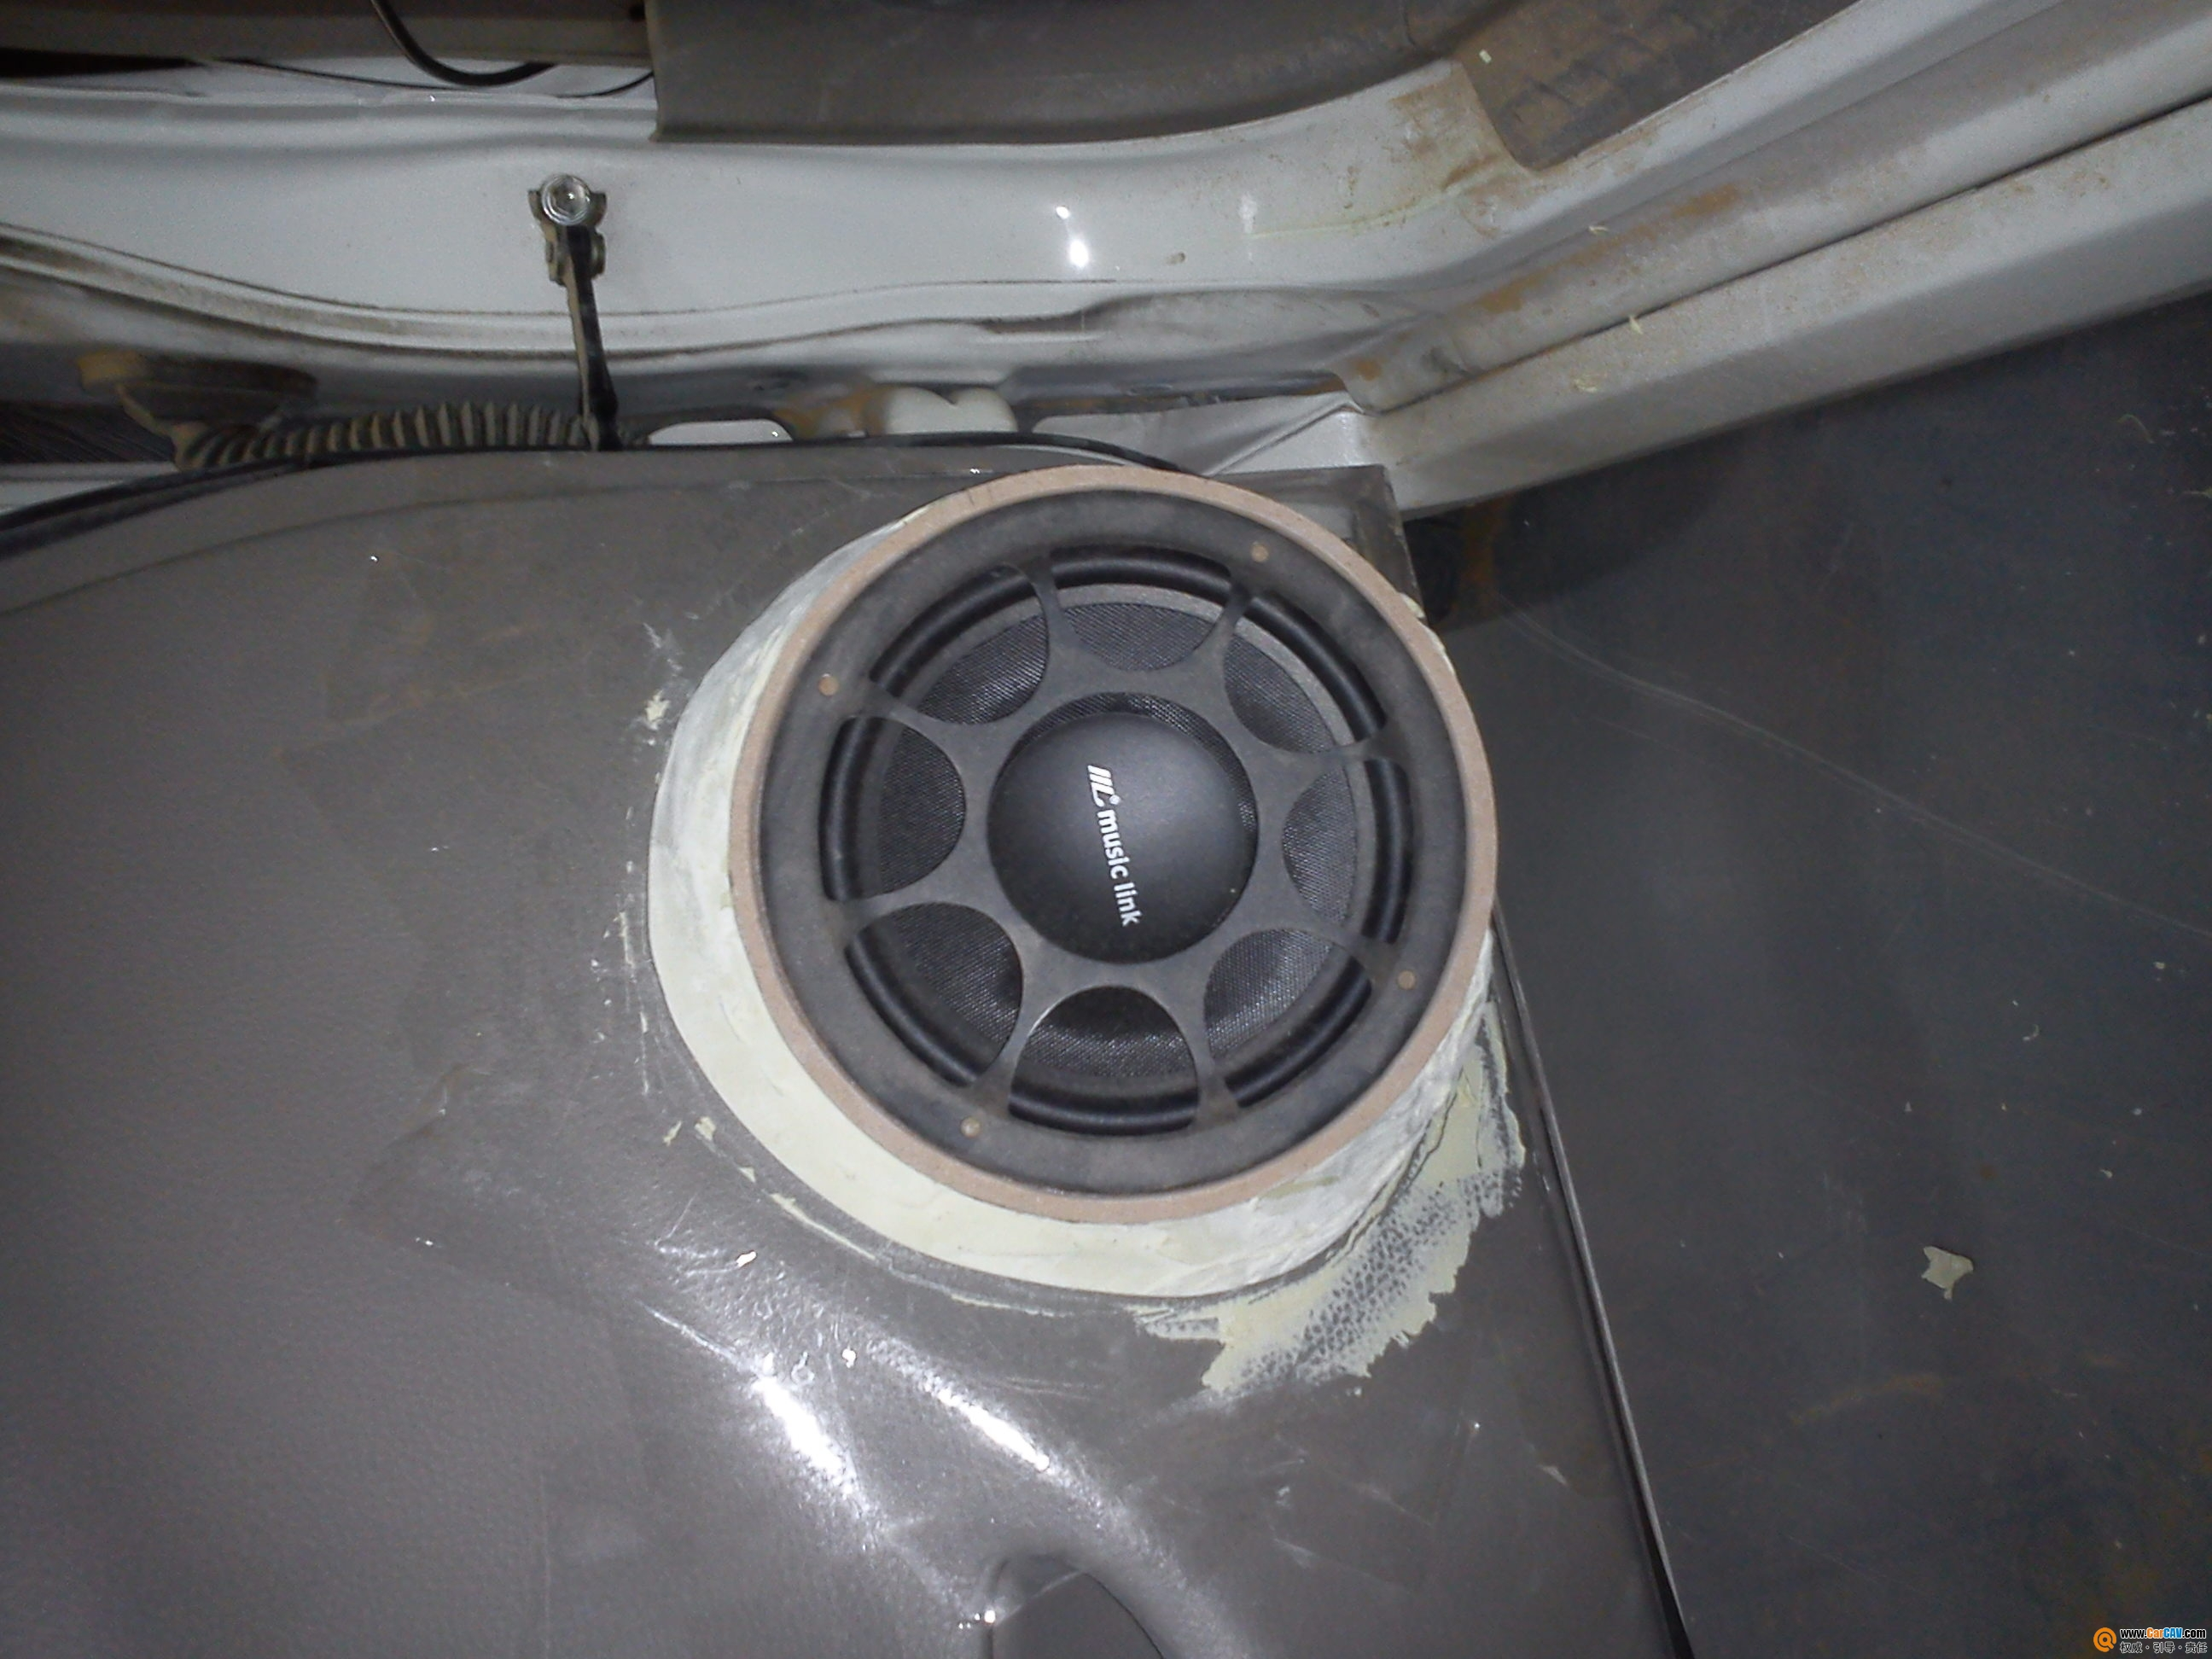 利亚纳a 提供版加装后音箱 利亚纳2014款 两厢 1.4l 手动理高清图片